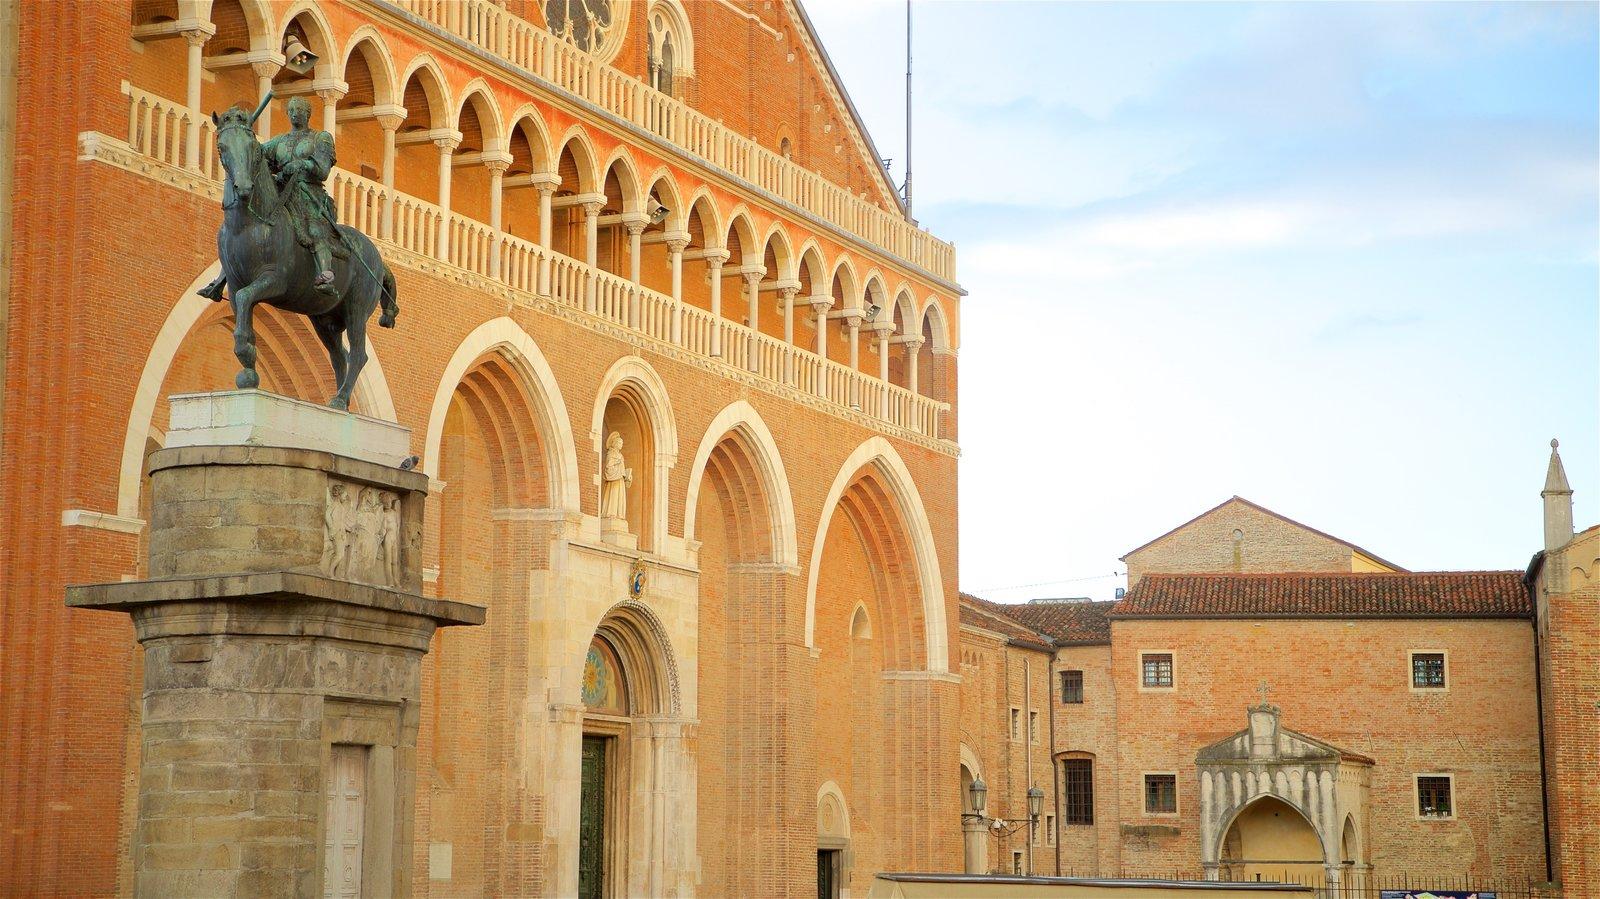 Basilica di Sant\'Antonio da Padova which includes a statue or sculpture and heritage elements